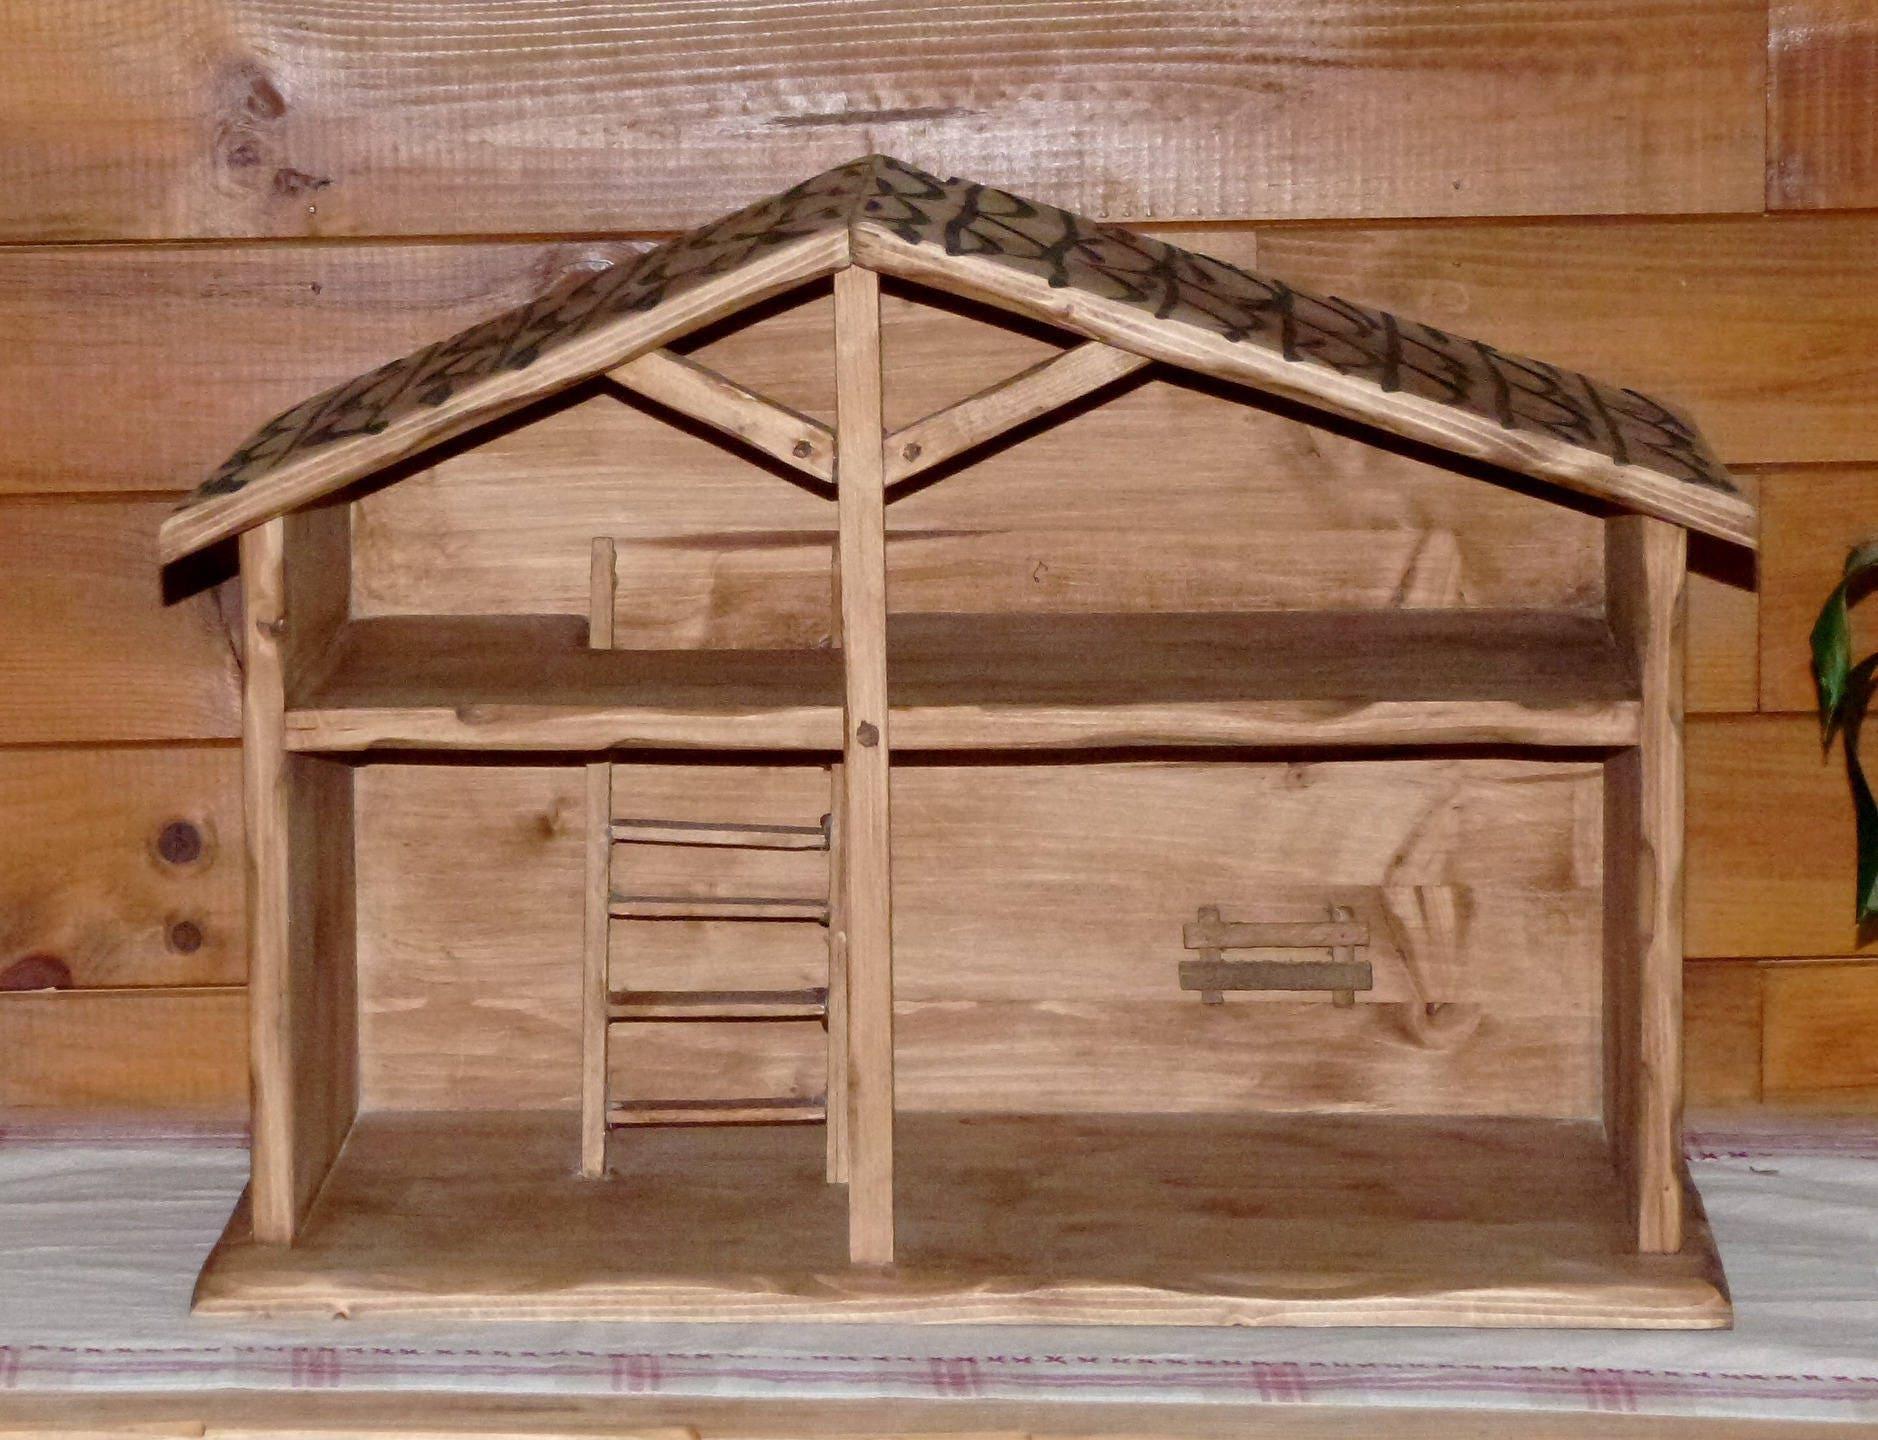 Cr che de noel artisanale en bois deco chalet montagne - Fabriquer une creche de noel en bois ...